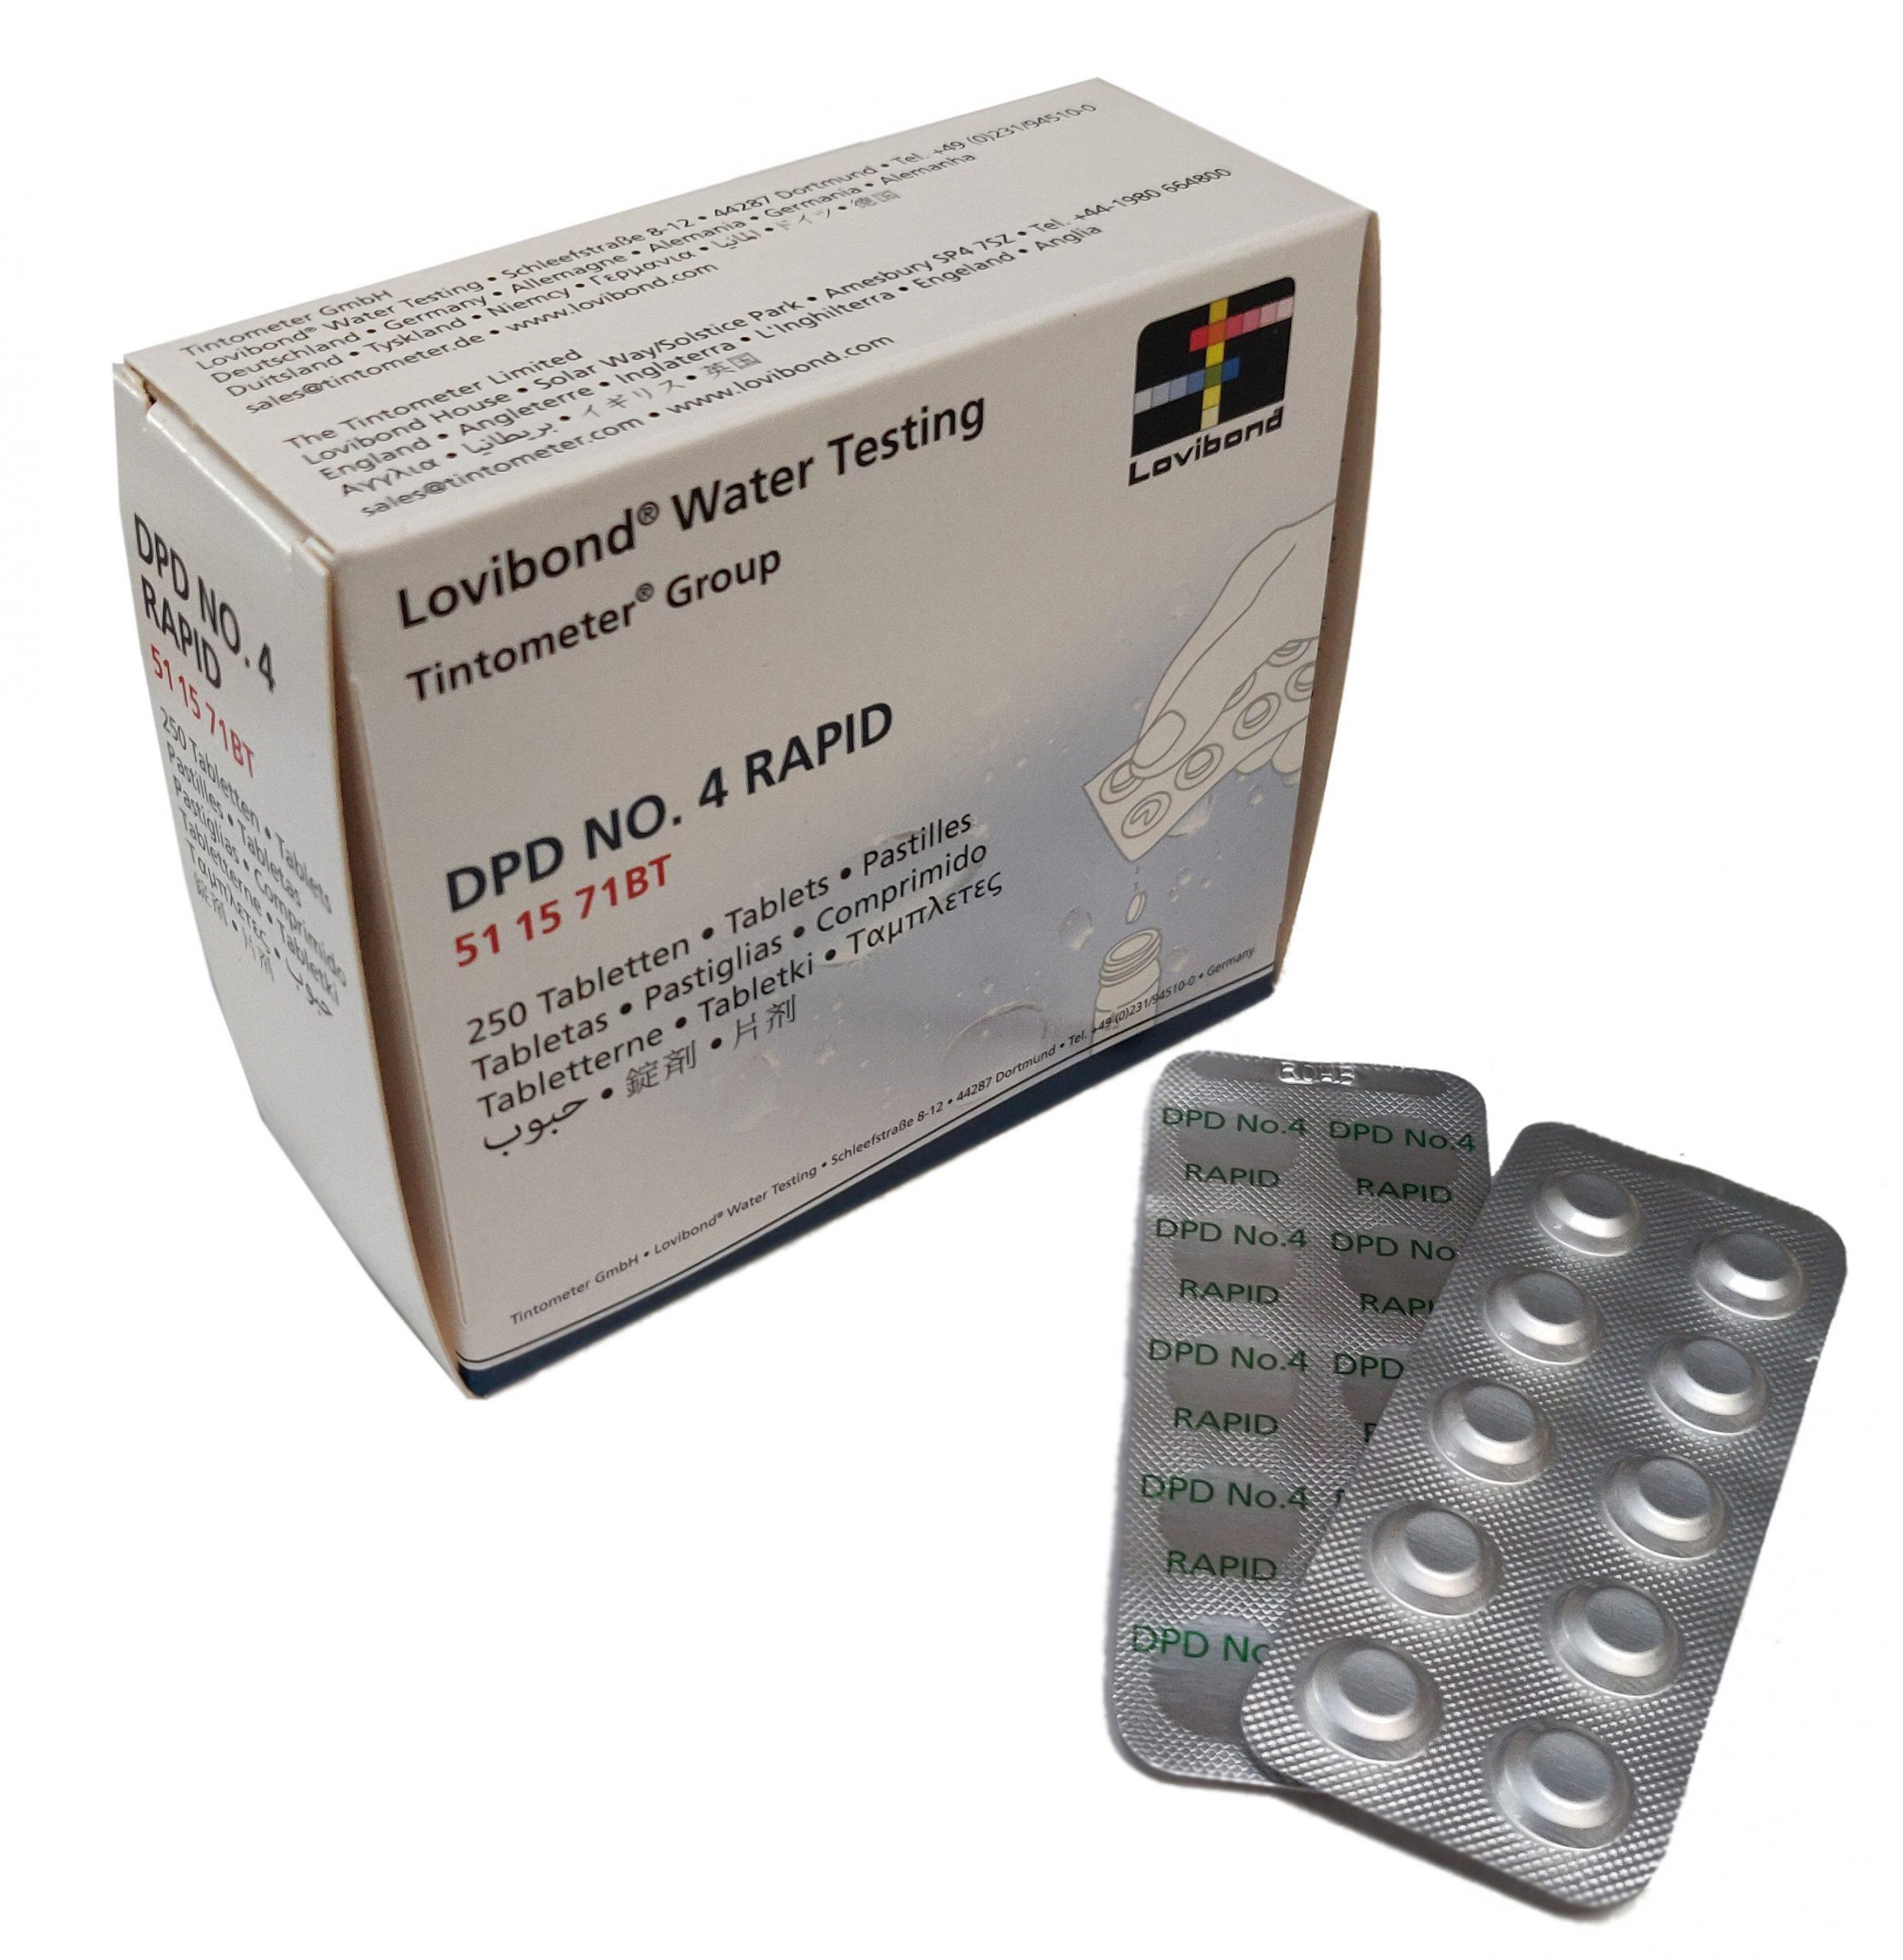 DPD Nr. 4 Rapid, Aktiv Oksygen (håndrister)